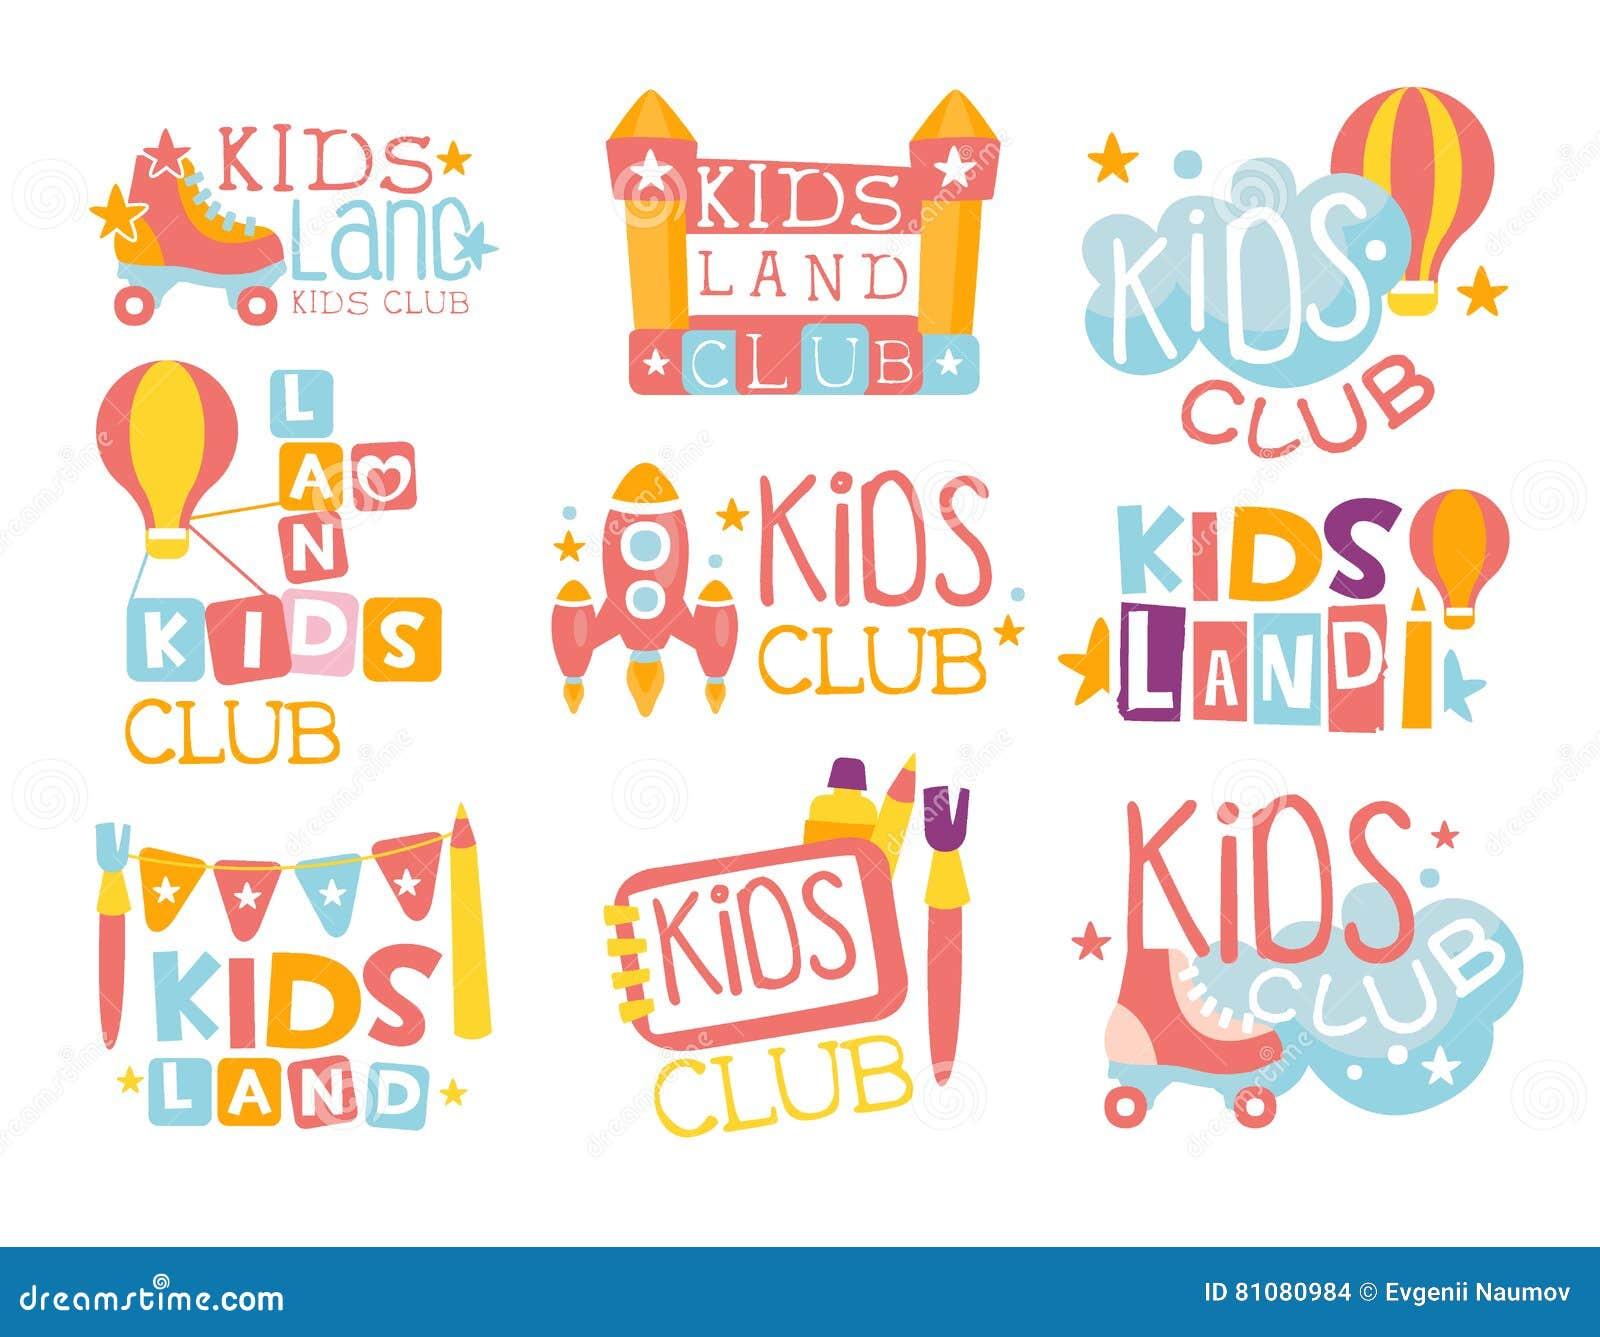 Kinderland-Spielplatz und Unterhaltungs-Verein-Satz bunte Promo-Zeichen für den spielenden Raum für Kinder